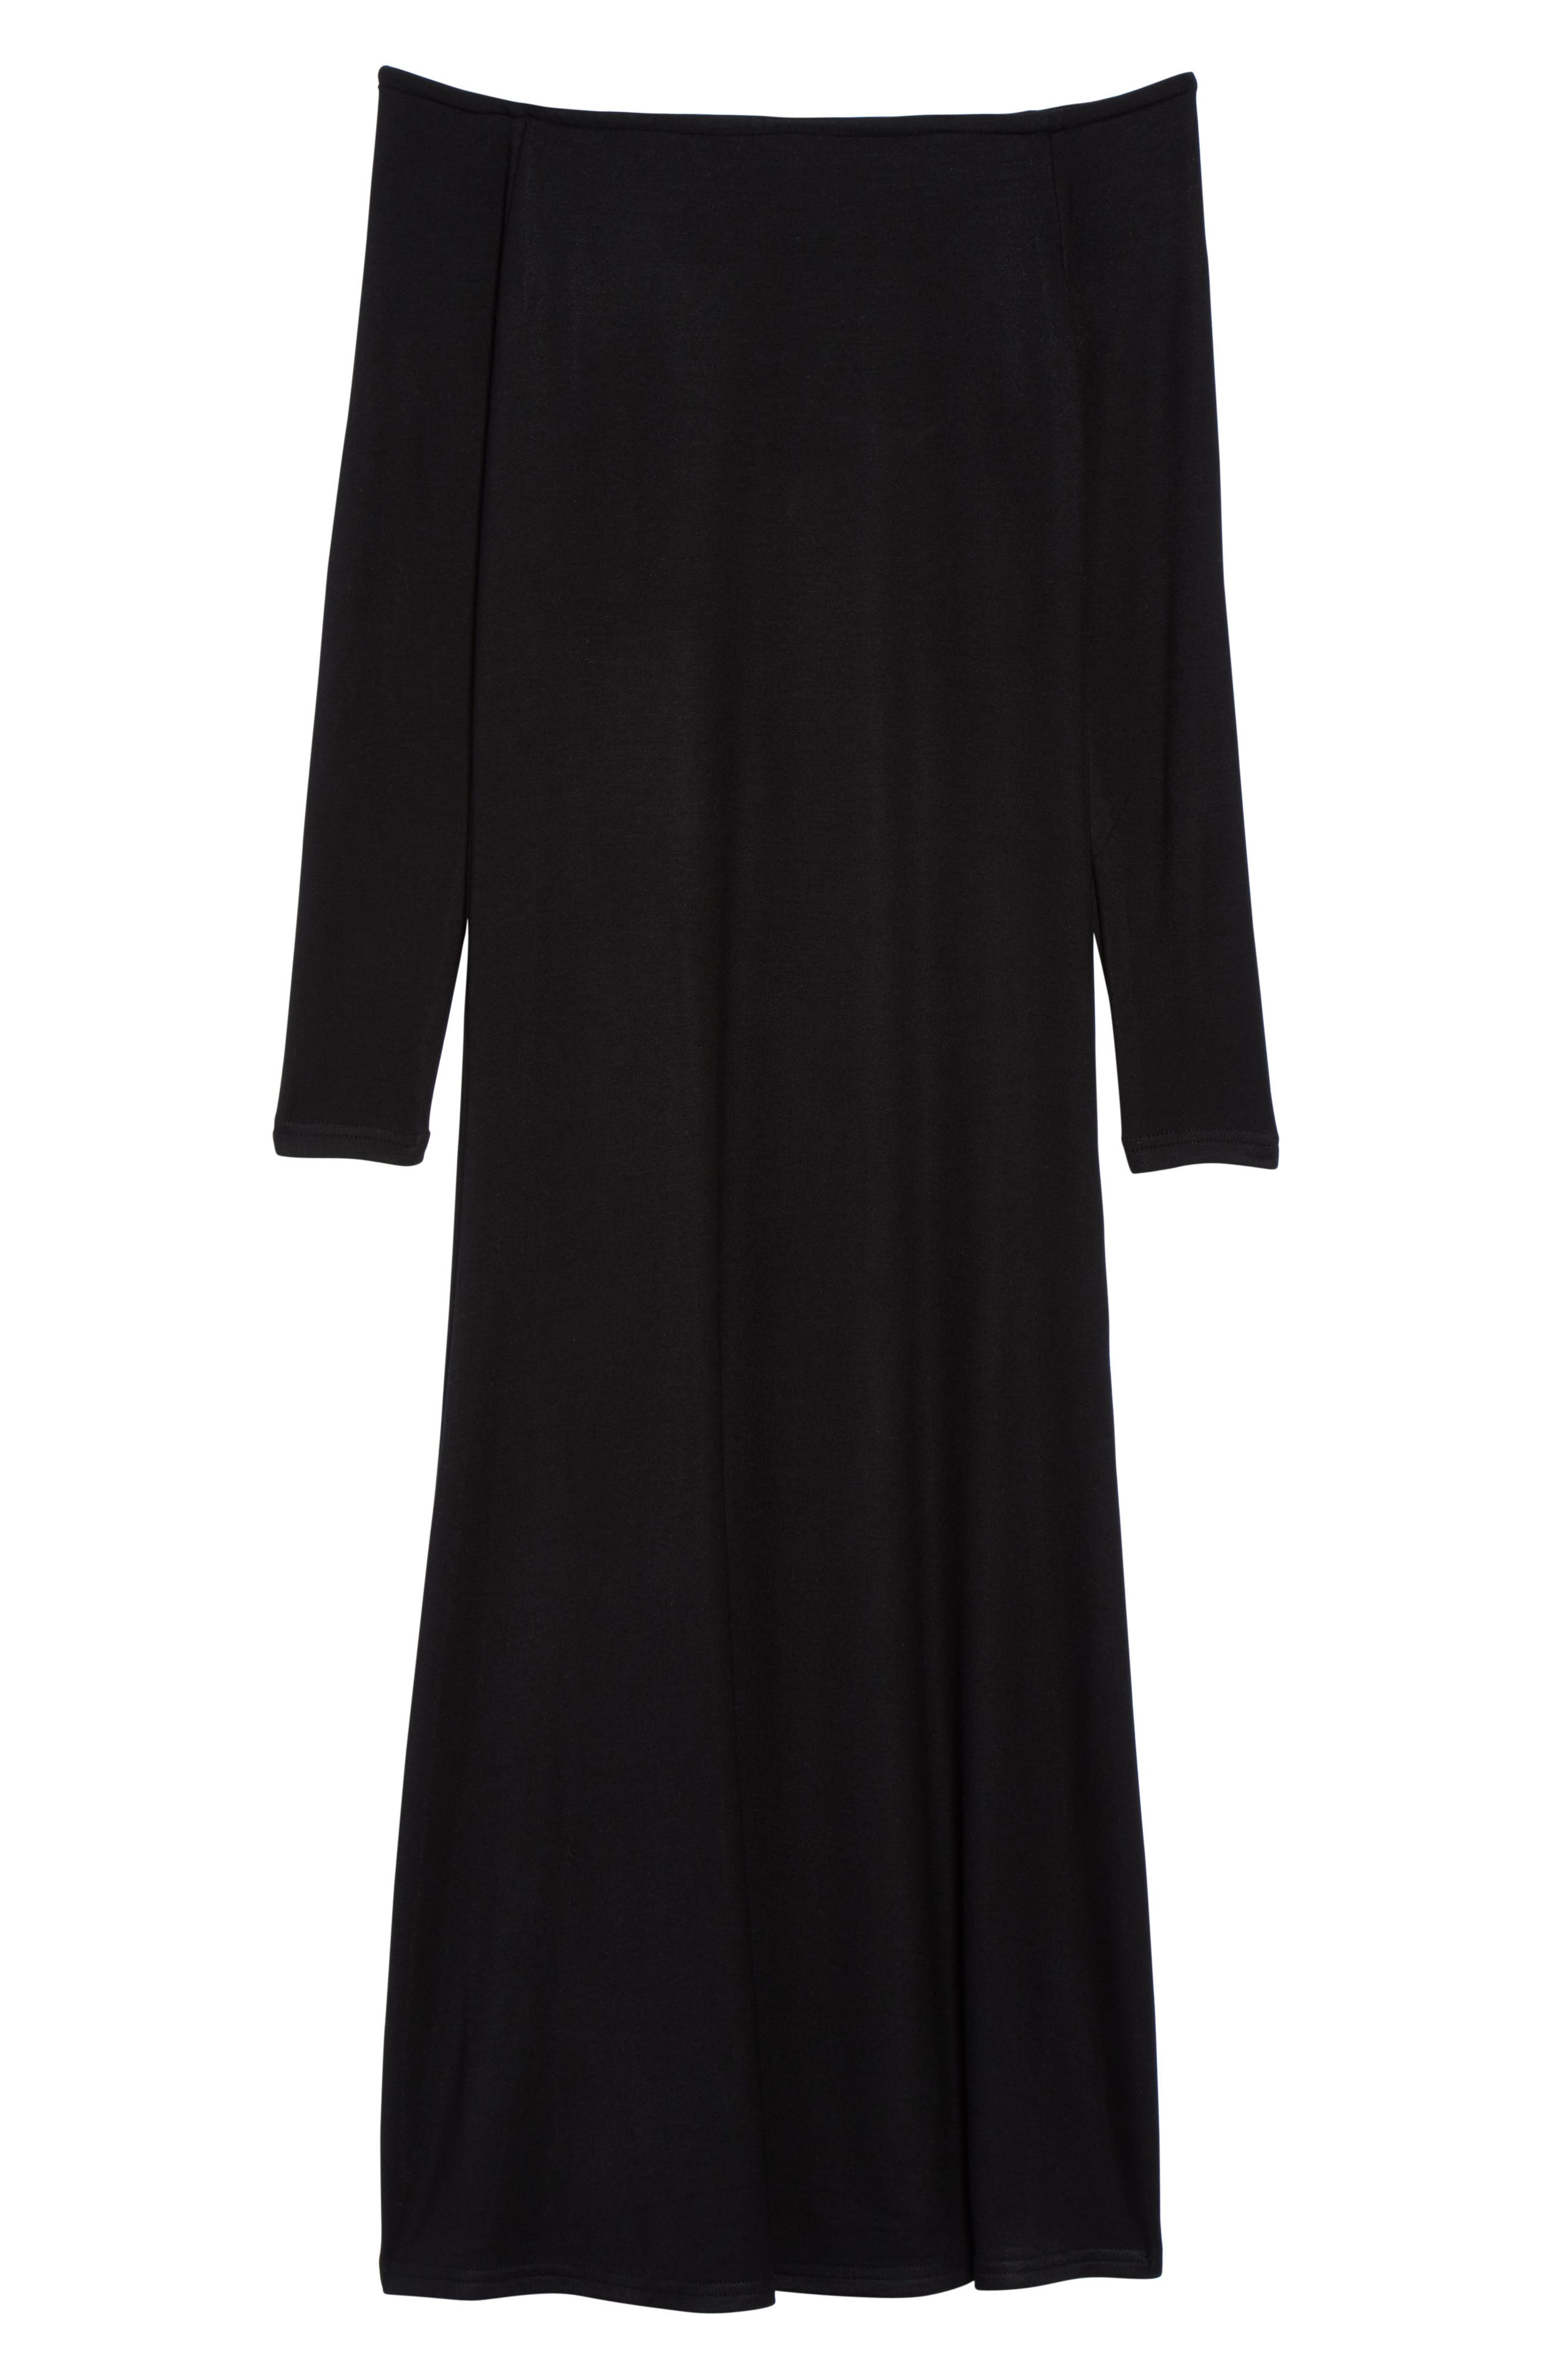 Blair Off the Shoulder A-Line Dress,                             Alternate thumbnail 6, color,                             001